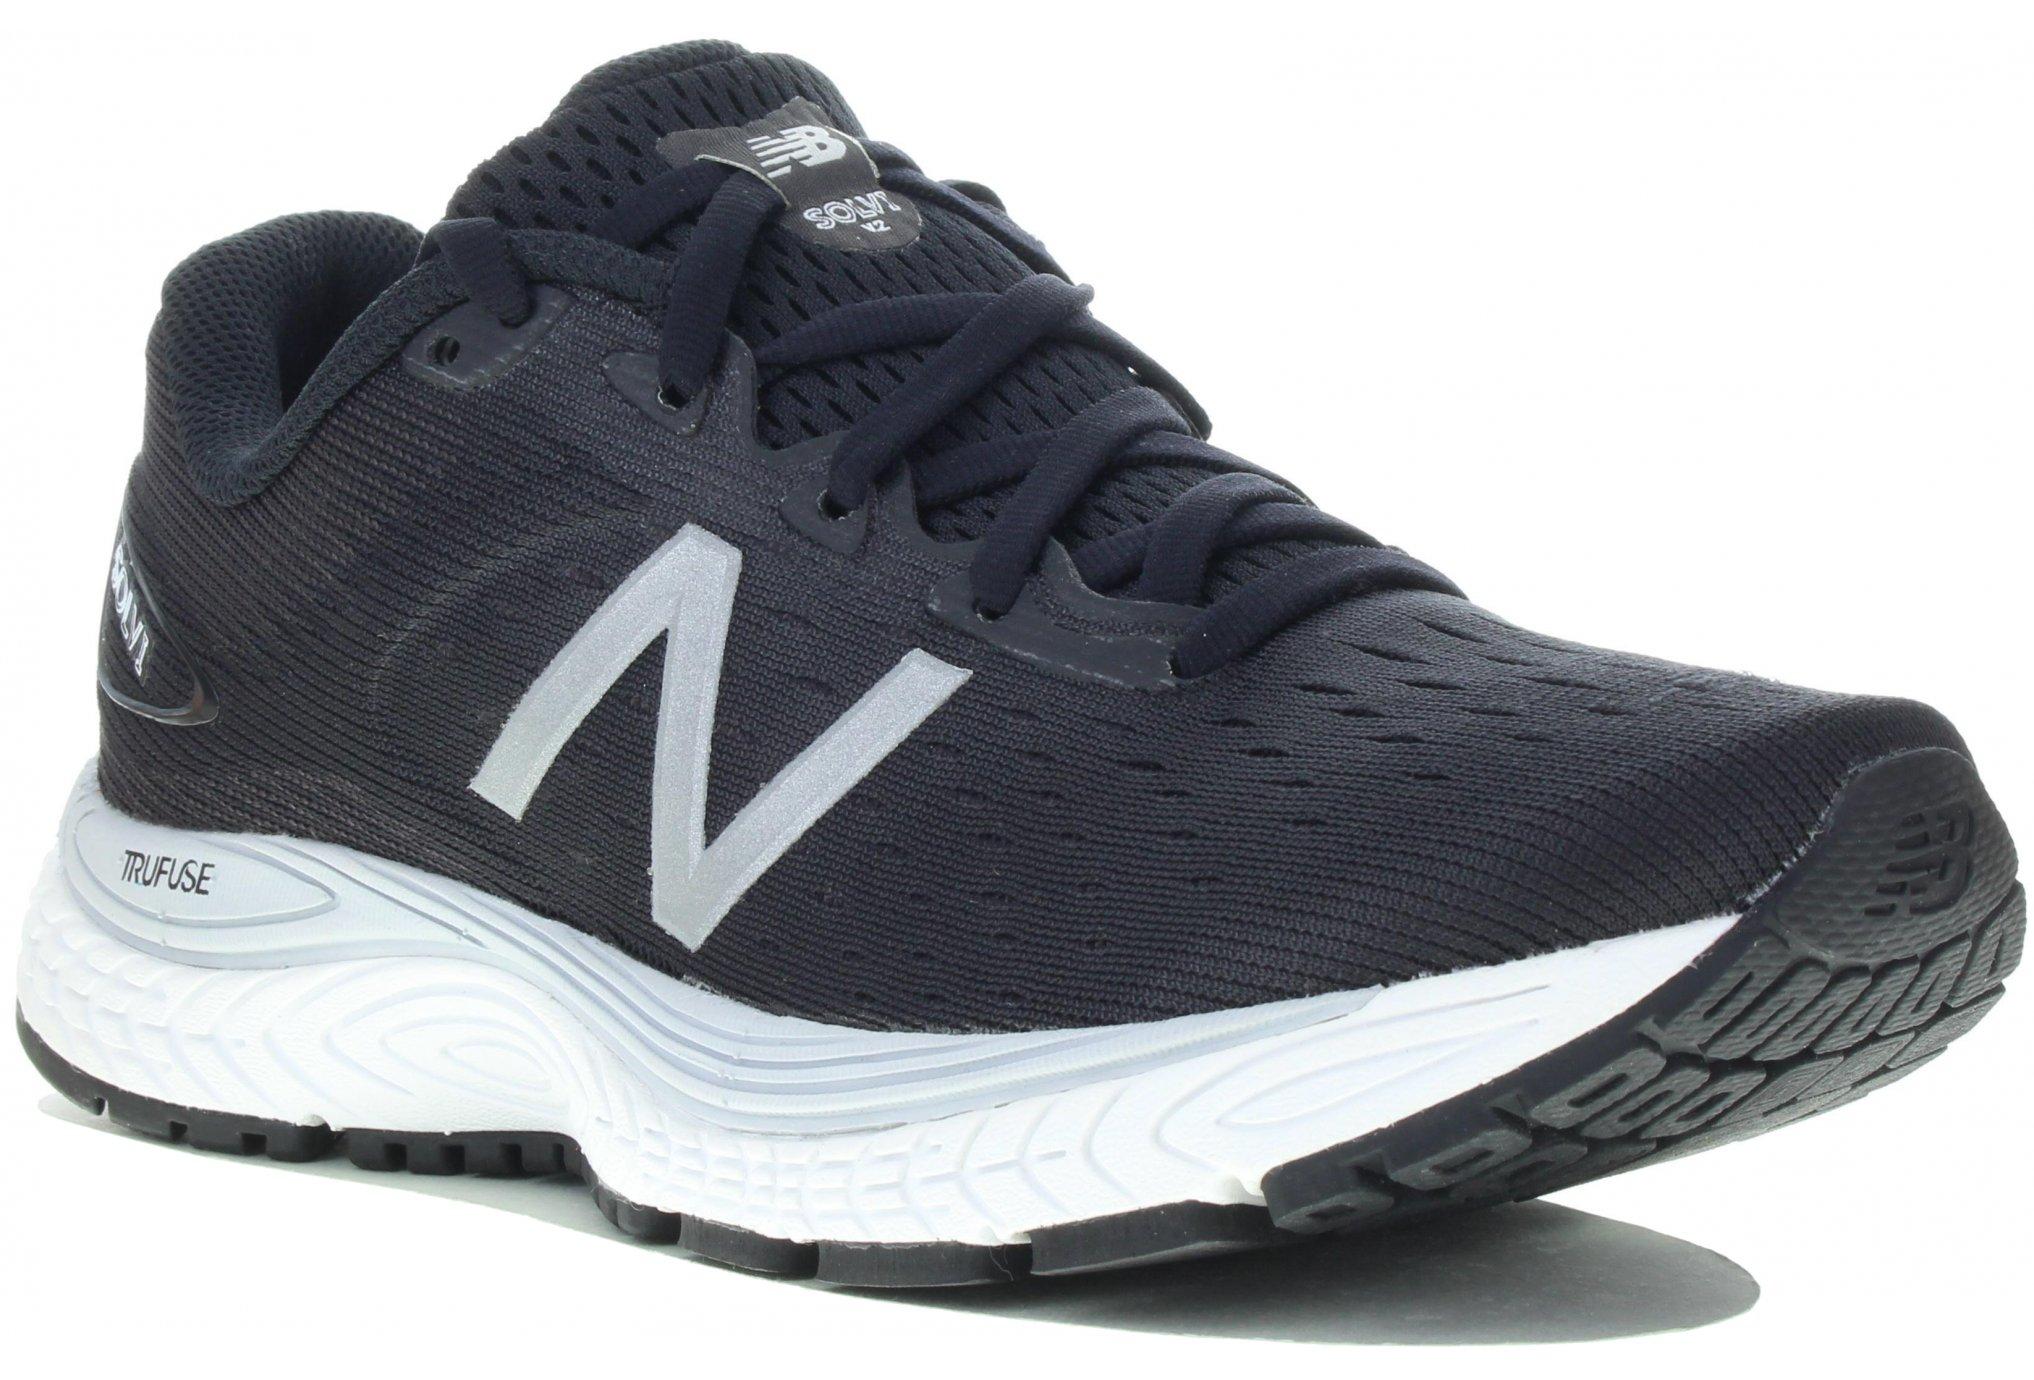 New Balance Solvi v2 Chaussures running femme